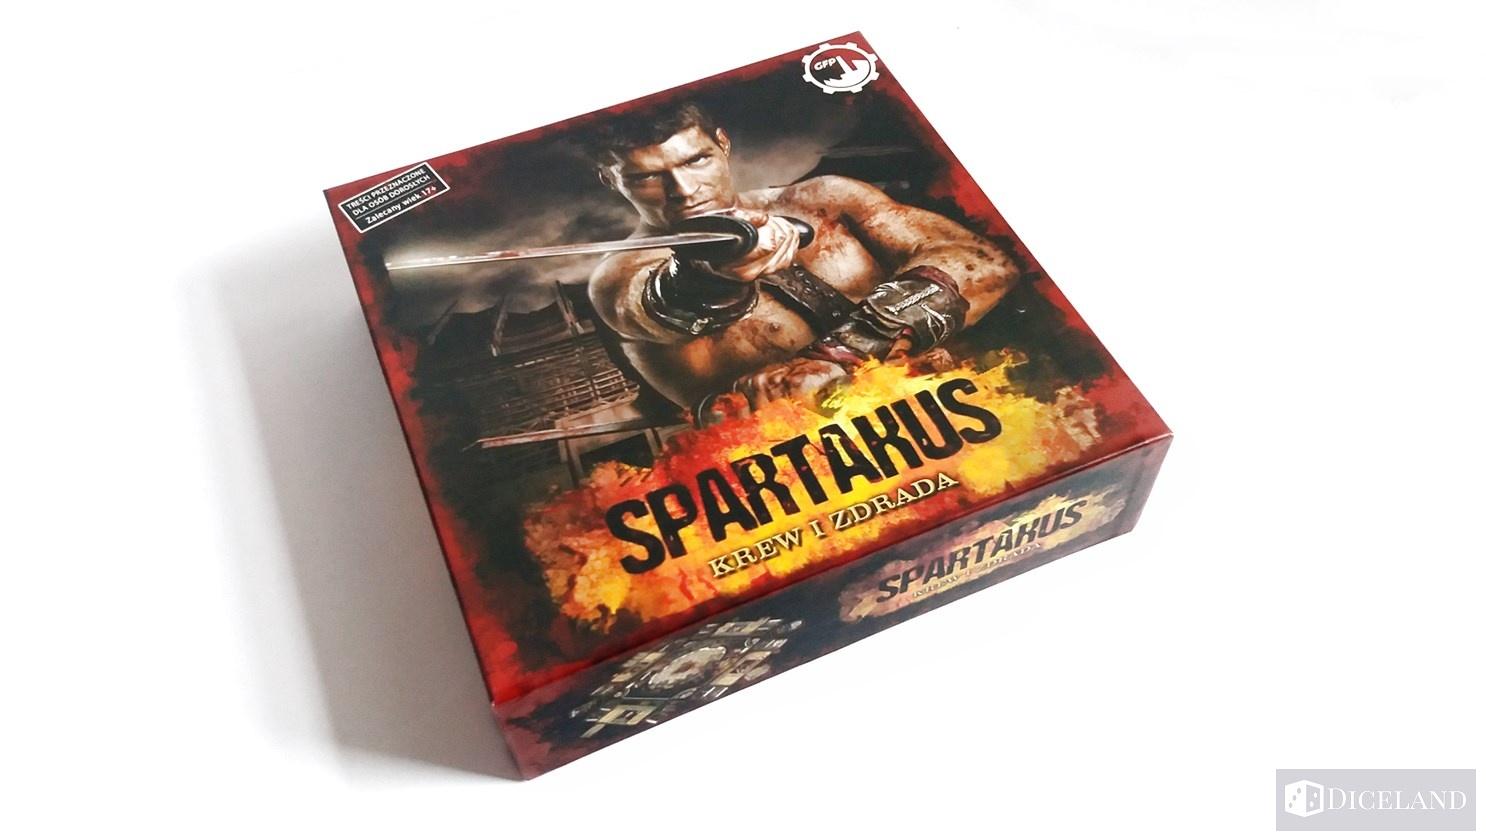 Spartakus krew i zdrada 1 Recenzja #47 Spartakus: Krew i Zdrada